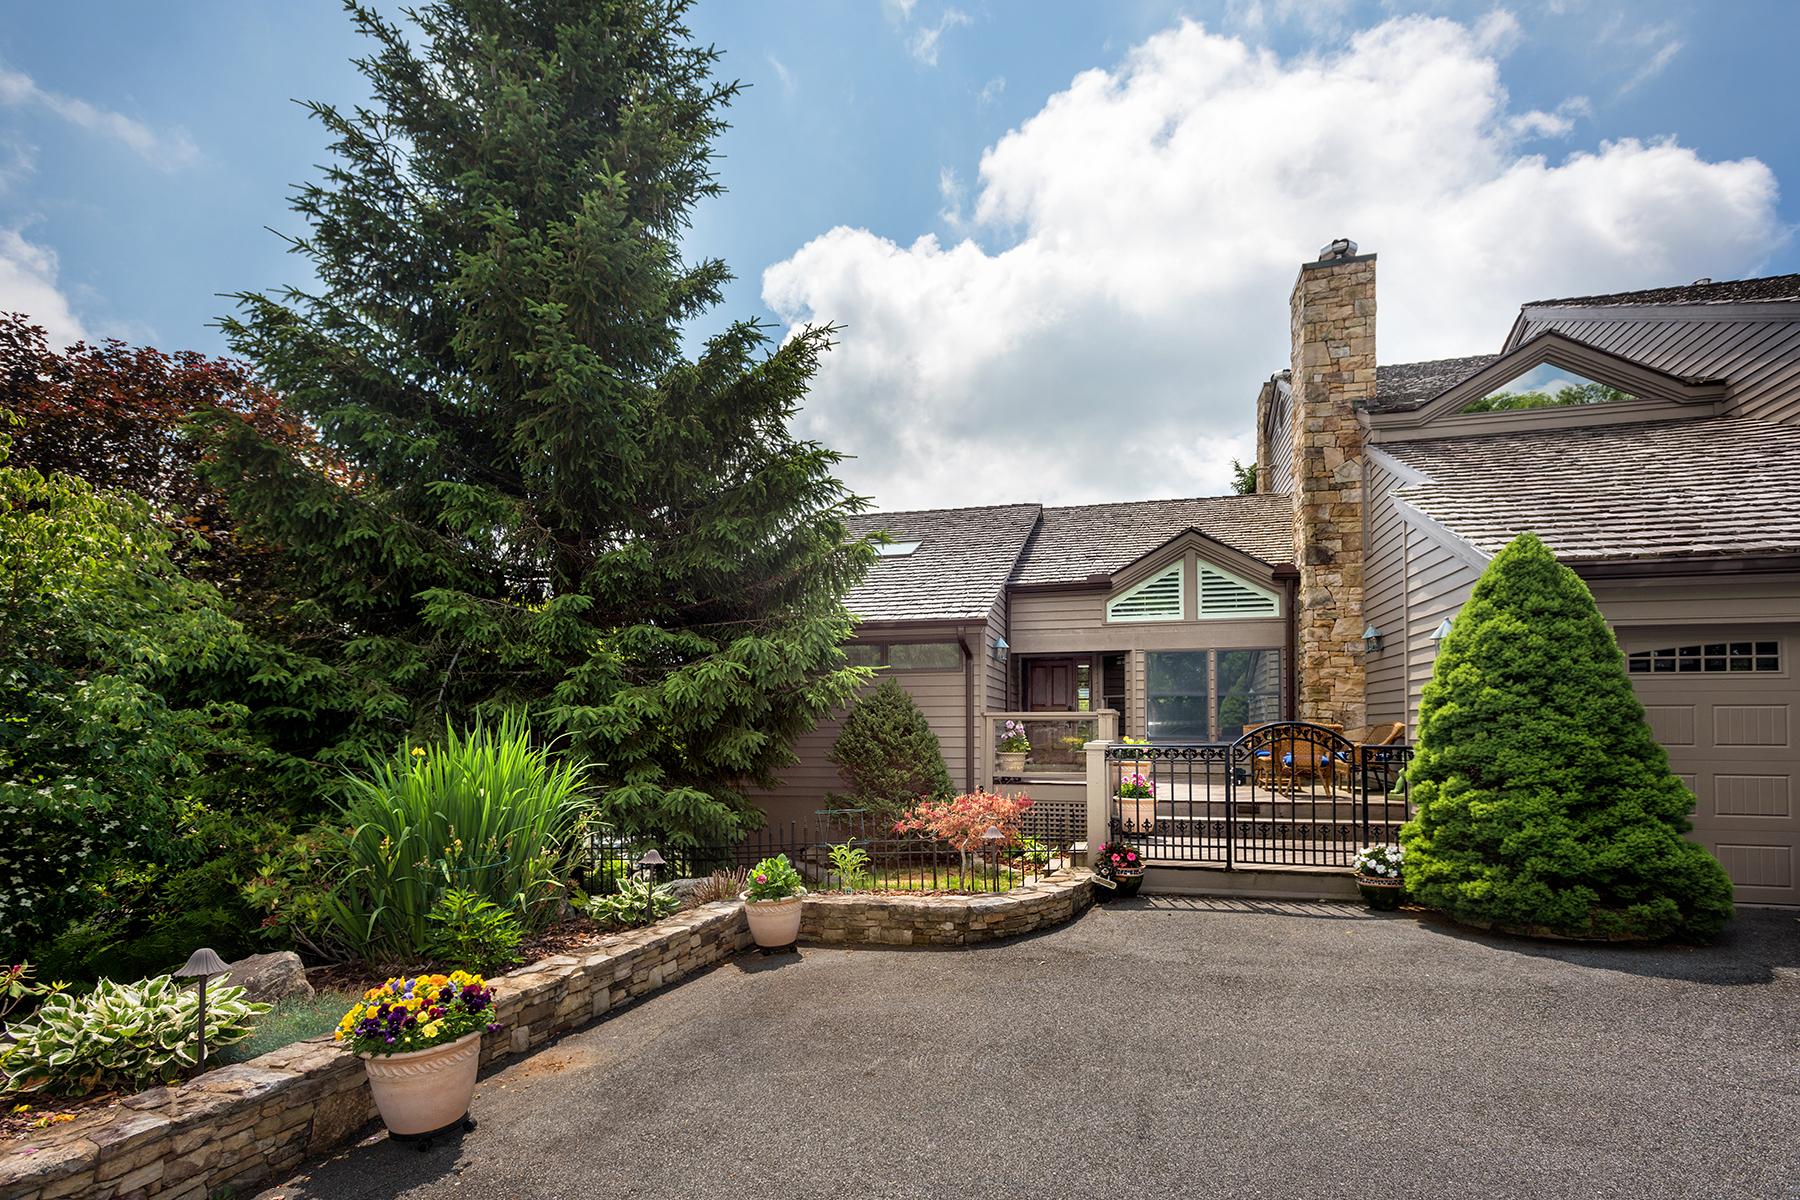 Кооперативная квартира для того Продажа на LINVILLE - LINVILLE RIDGE 801 Crest Lane Linville, Северная Каролина, 28646 Соединенные Штаты